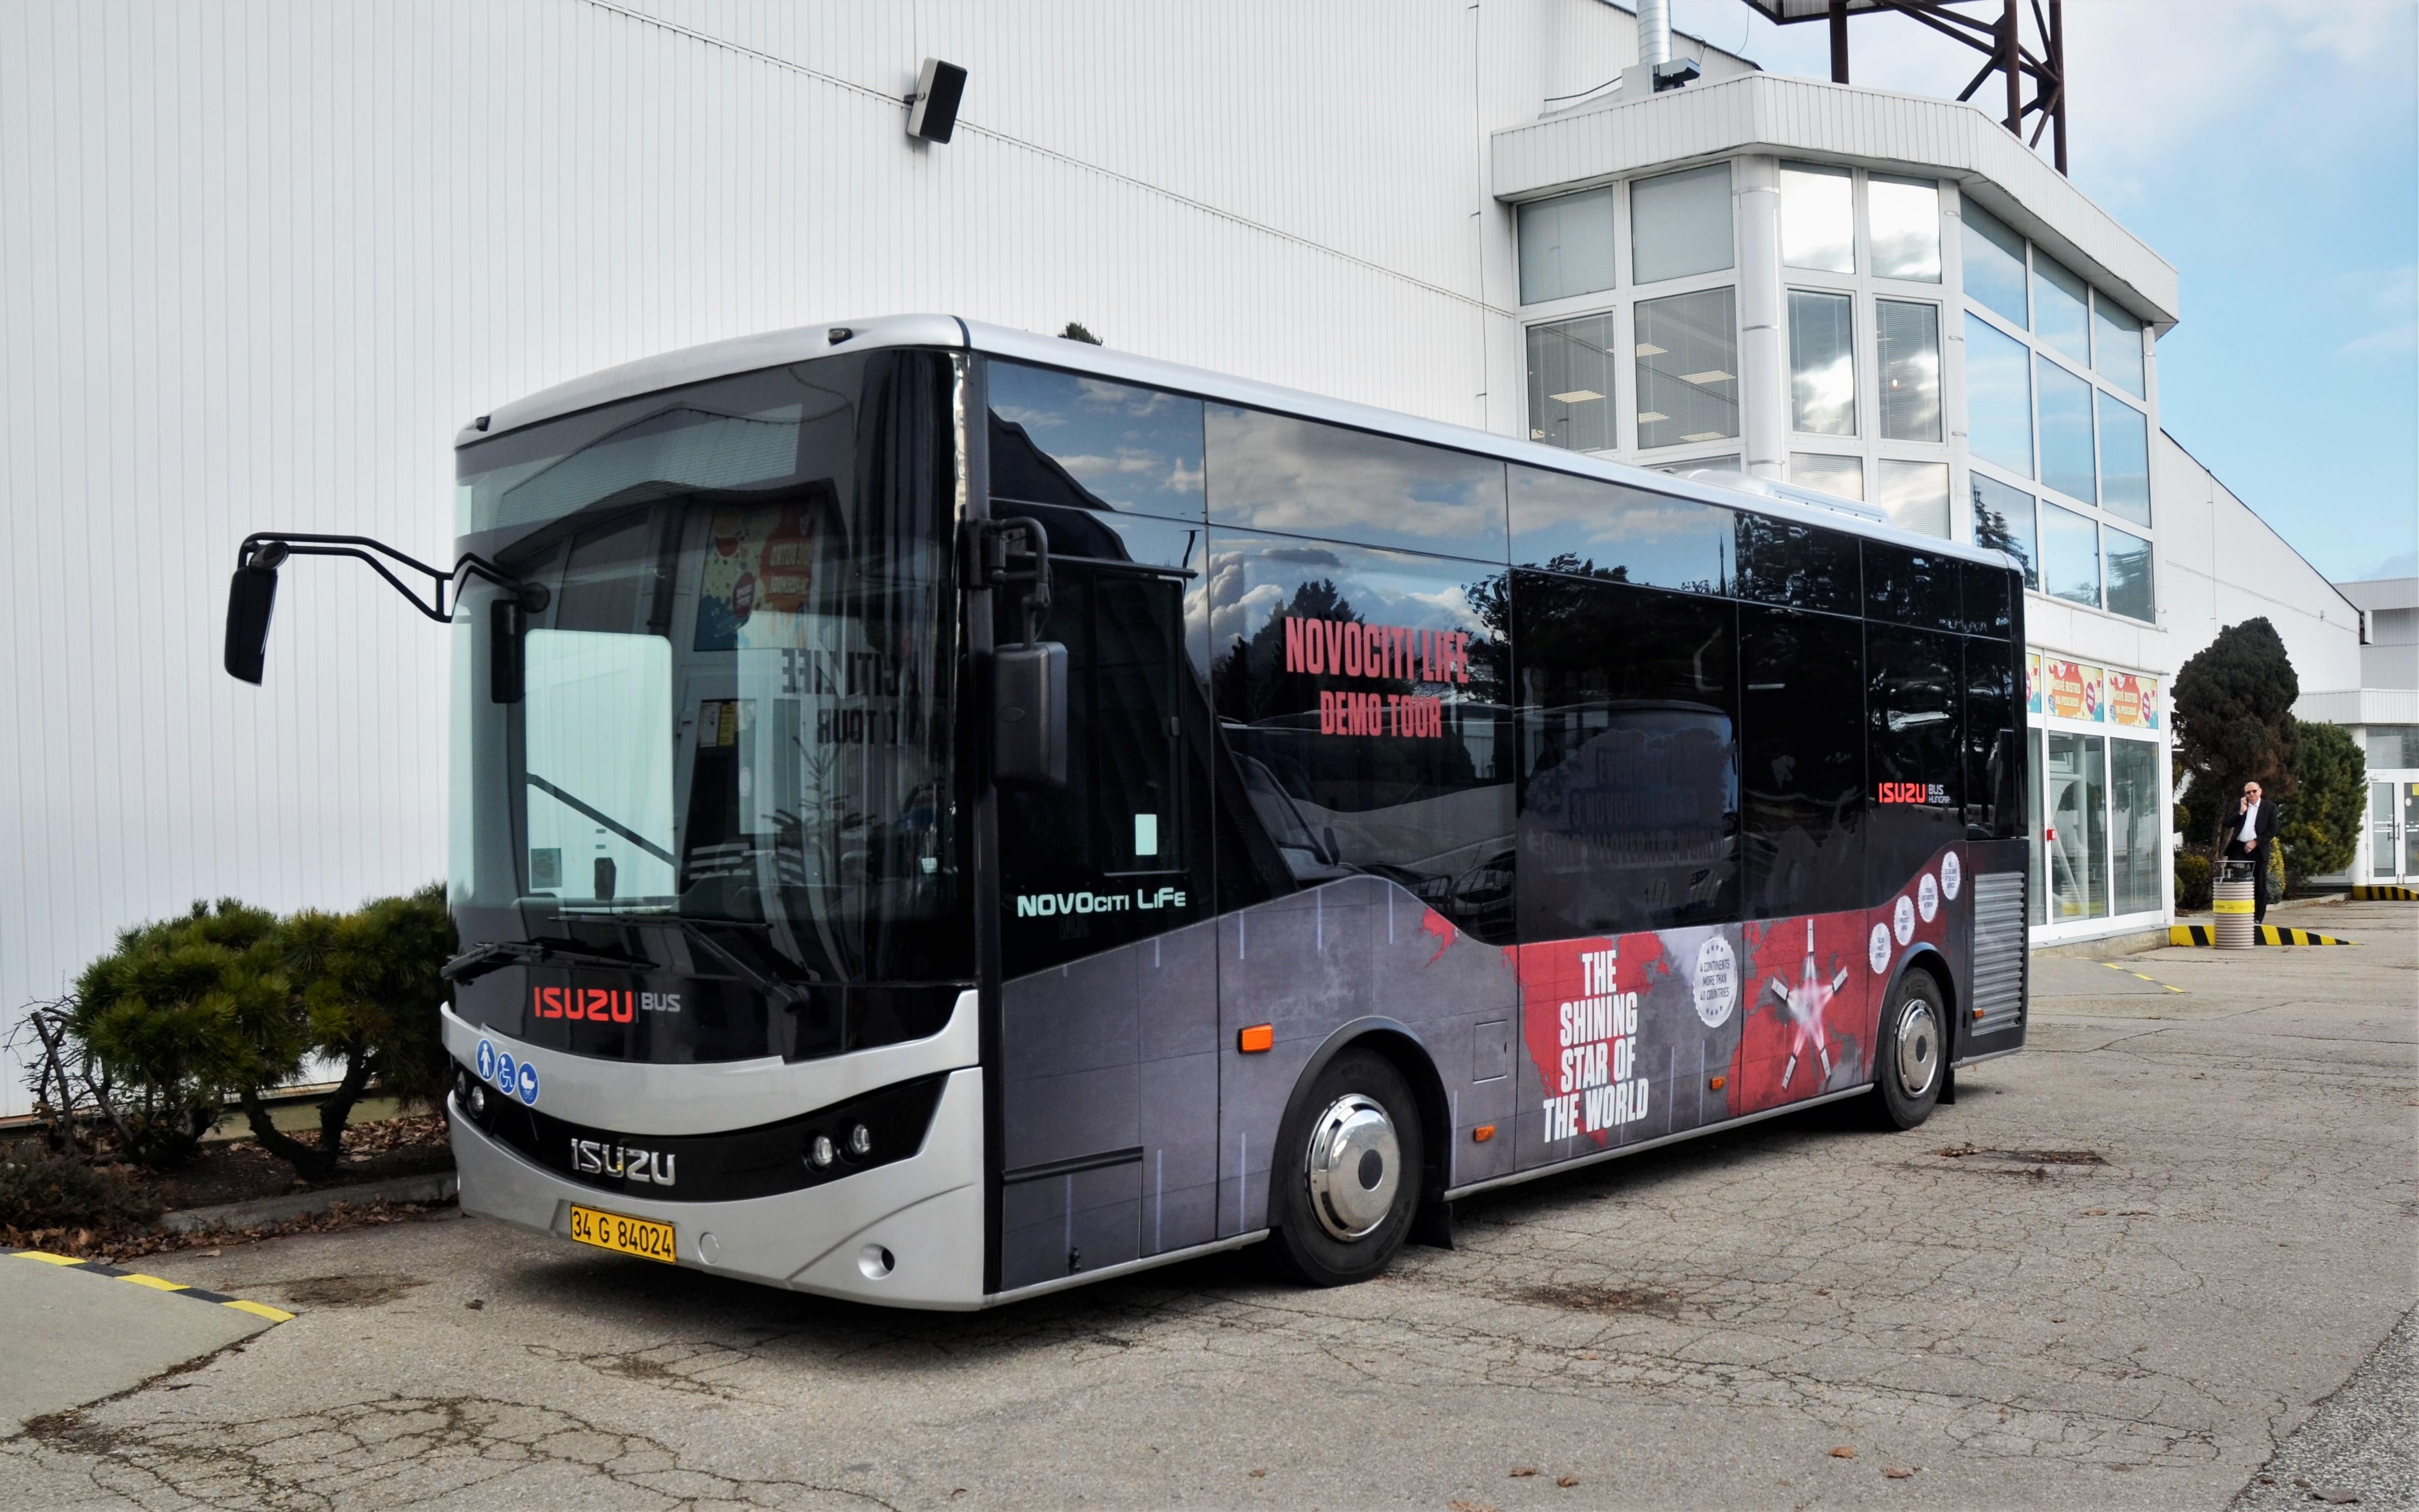 Slovenský autobusový veletrh vzbudil zaslouženou pozornost slovenských medií